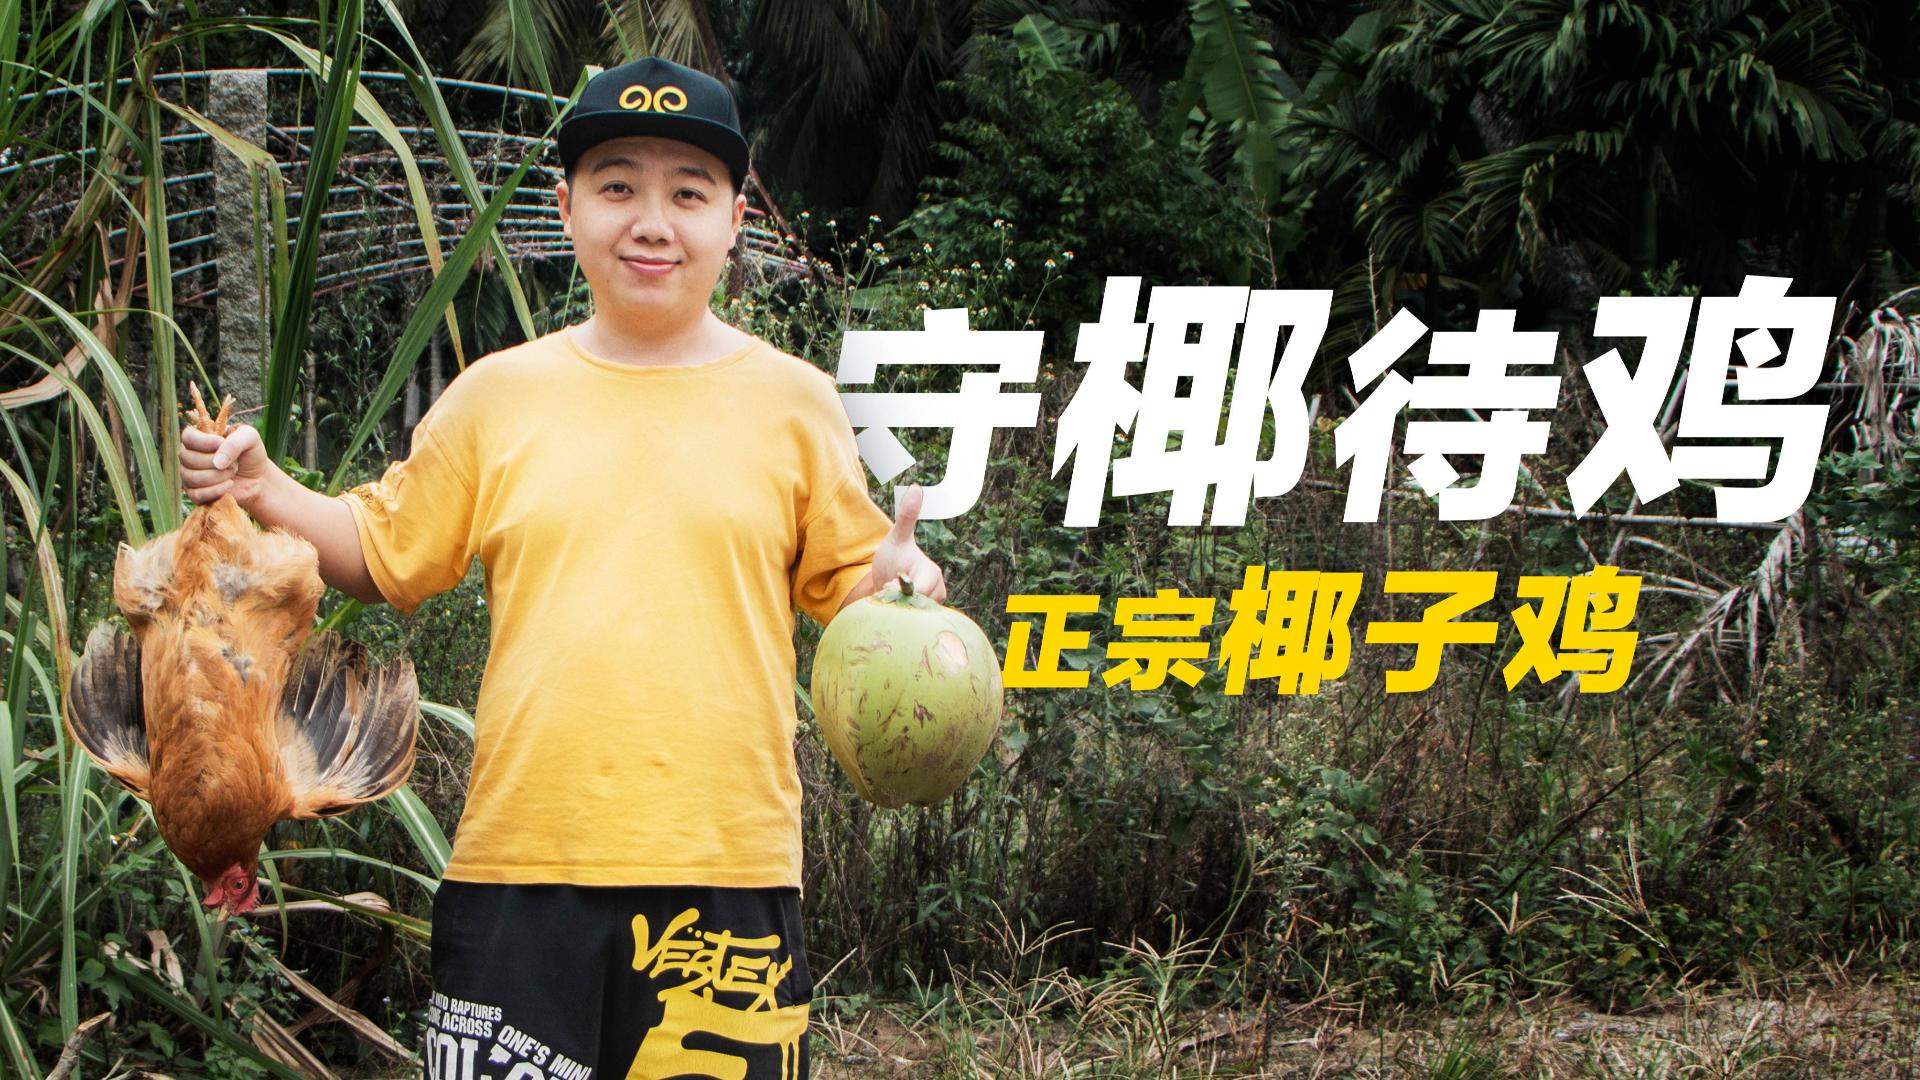 椰鸡相争小伙得利,融为一锅椰子鸡汤, 配上海南独特蘸料,真香!